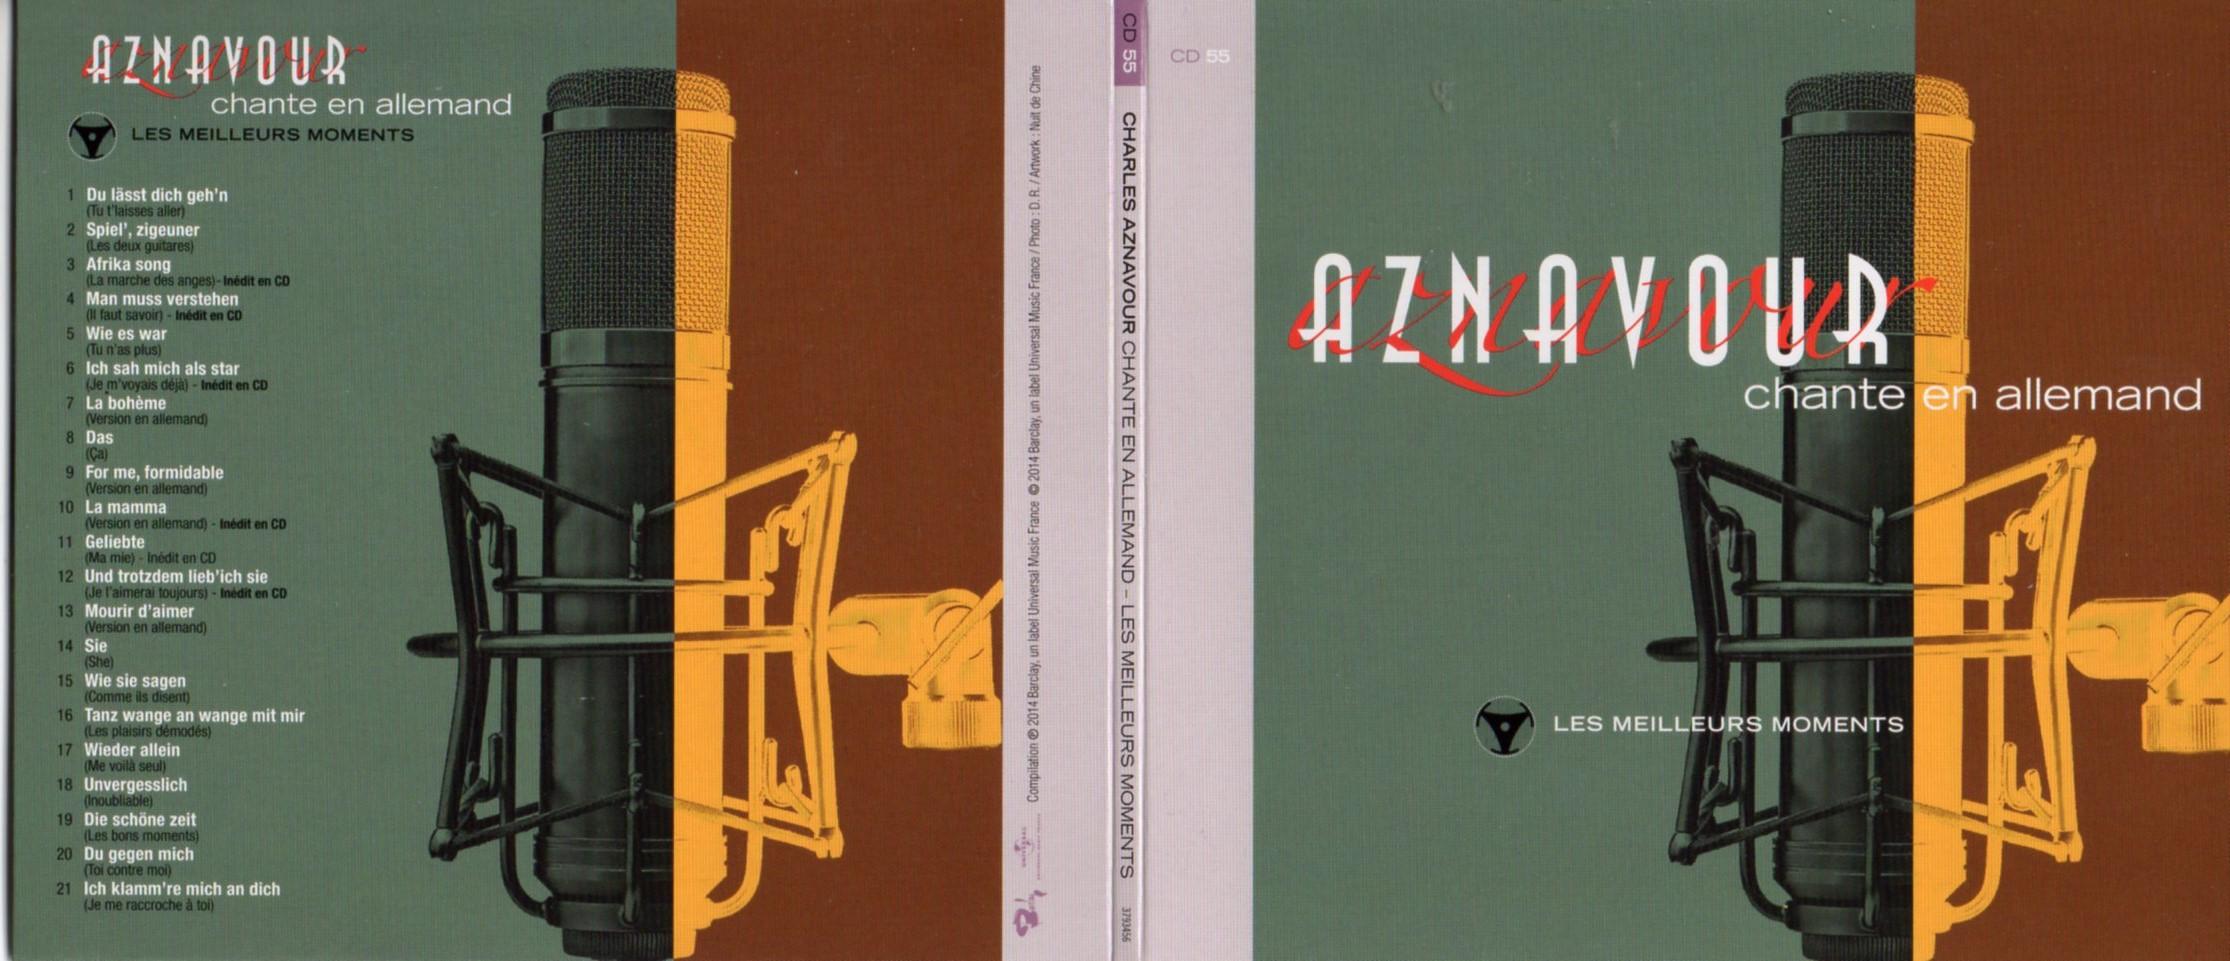 CHARLES AZNAVOUR - Chante en Allemand - Singt Deutsch - Les meilleurs moments Gatefold Card board sleeve - CD